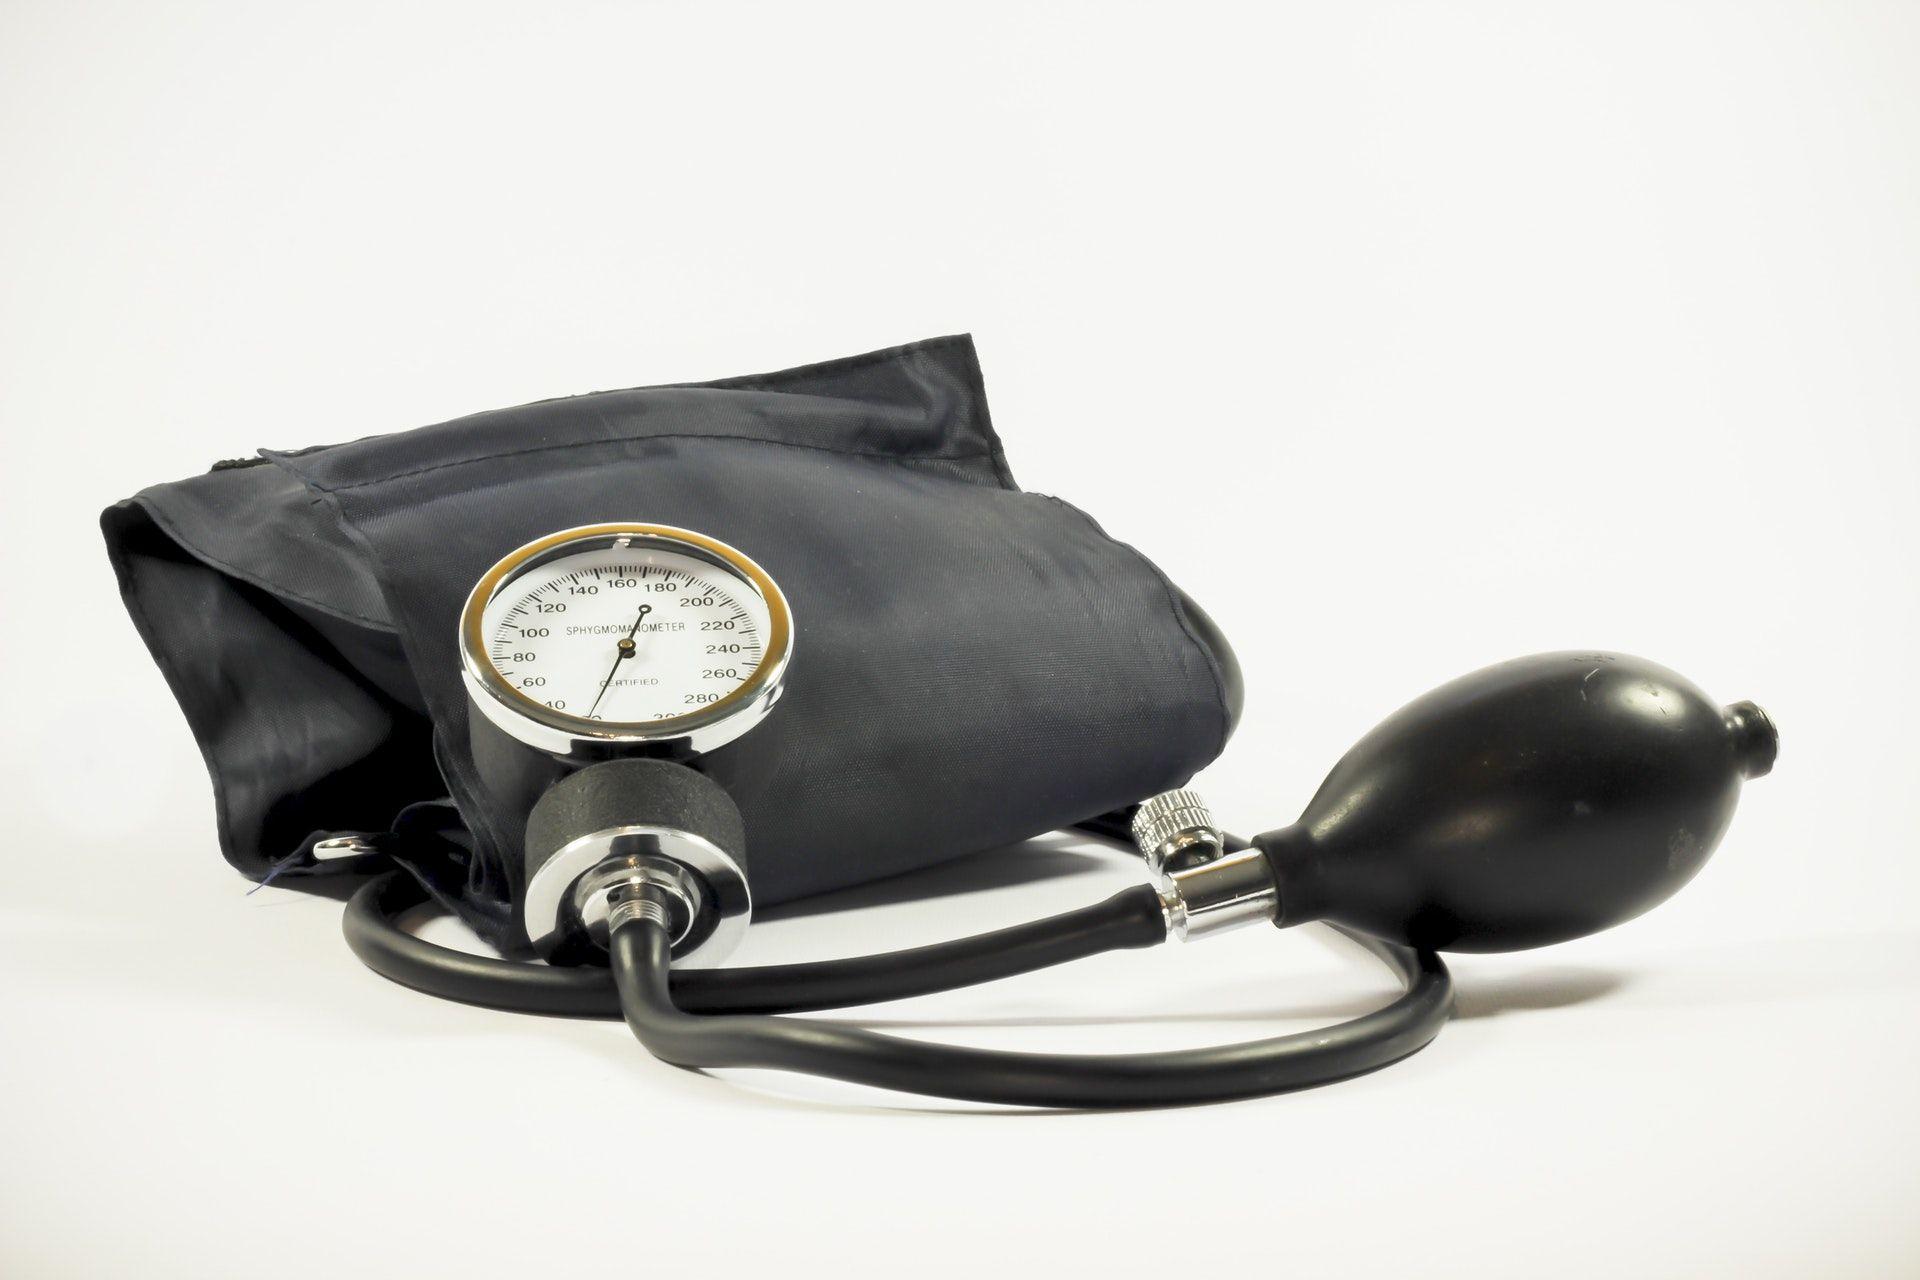 Апарат за кръвно налягане, анероиден сфигмоманометър